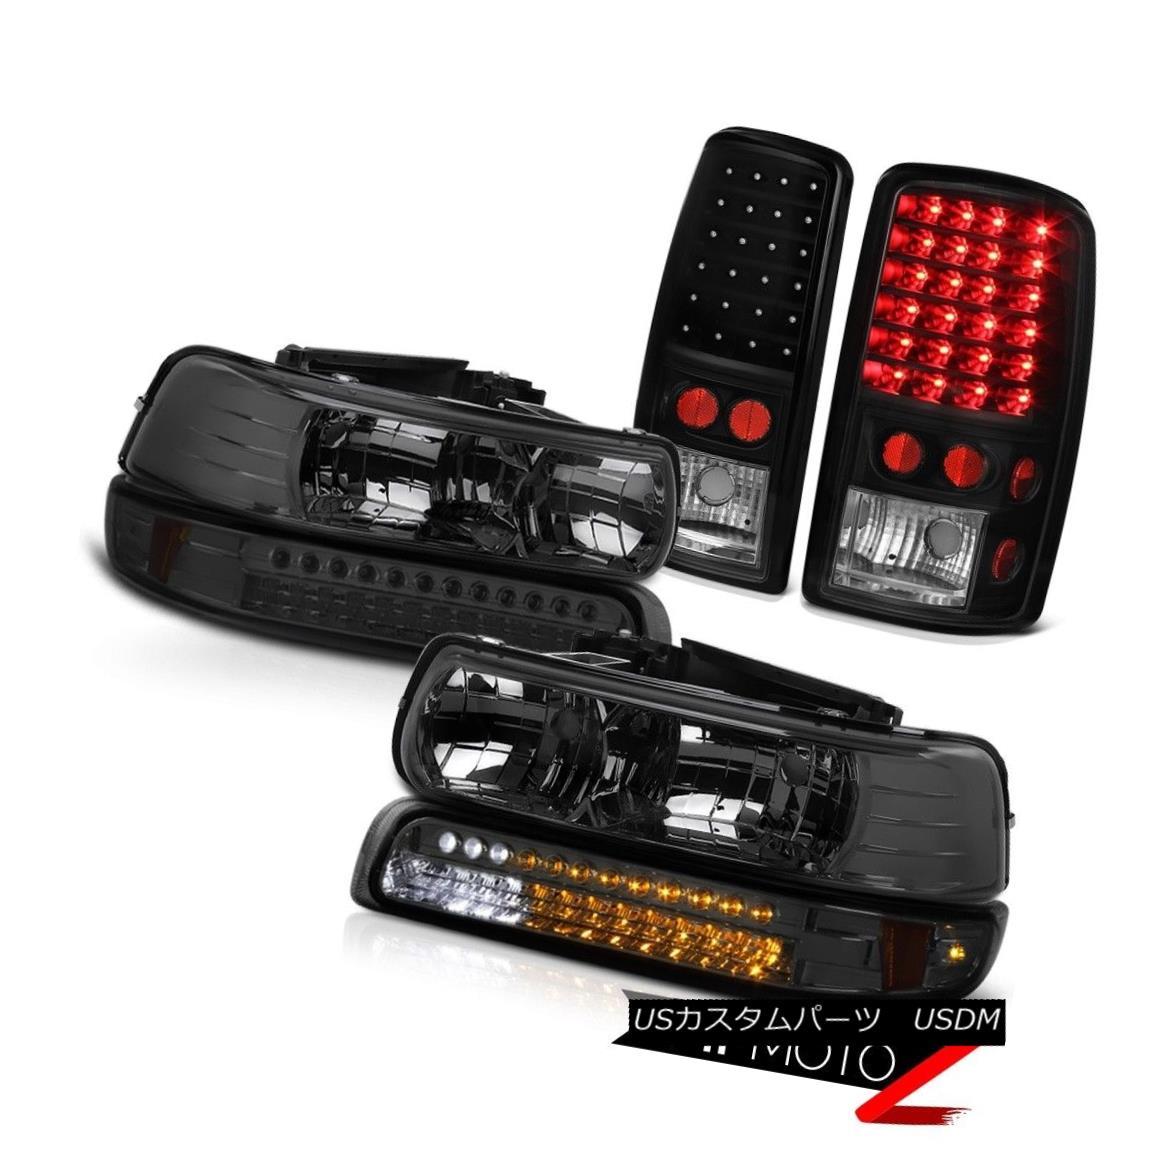 ヘッドライト 00 01 02 03 04 05 06 Suburban 8.1L Crystal Headlight Bumper Tail Lights Assembly 00 01 02 03 04 05 06郊外8.1Lクリスタルヘッドライトバンパーテールライトアセンブリ